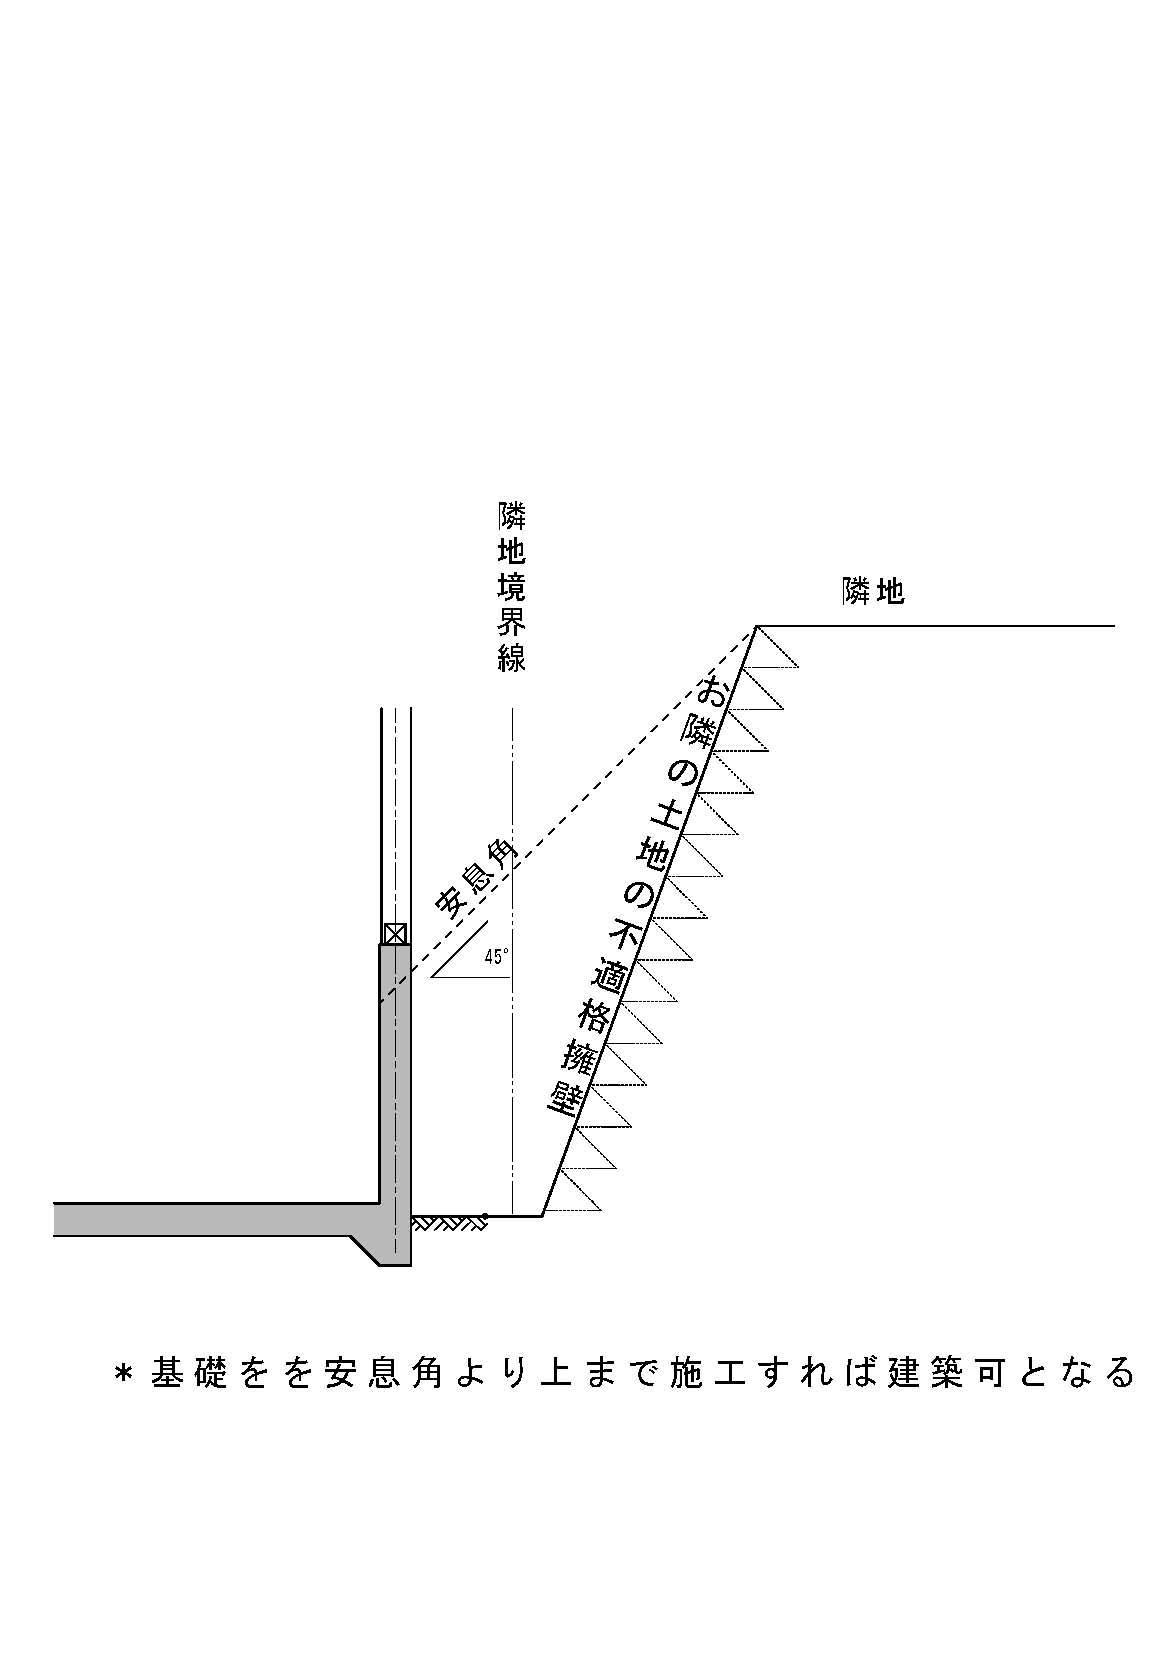 がけ条例 横浜 東京